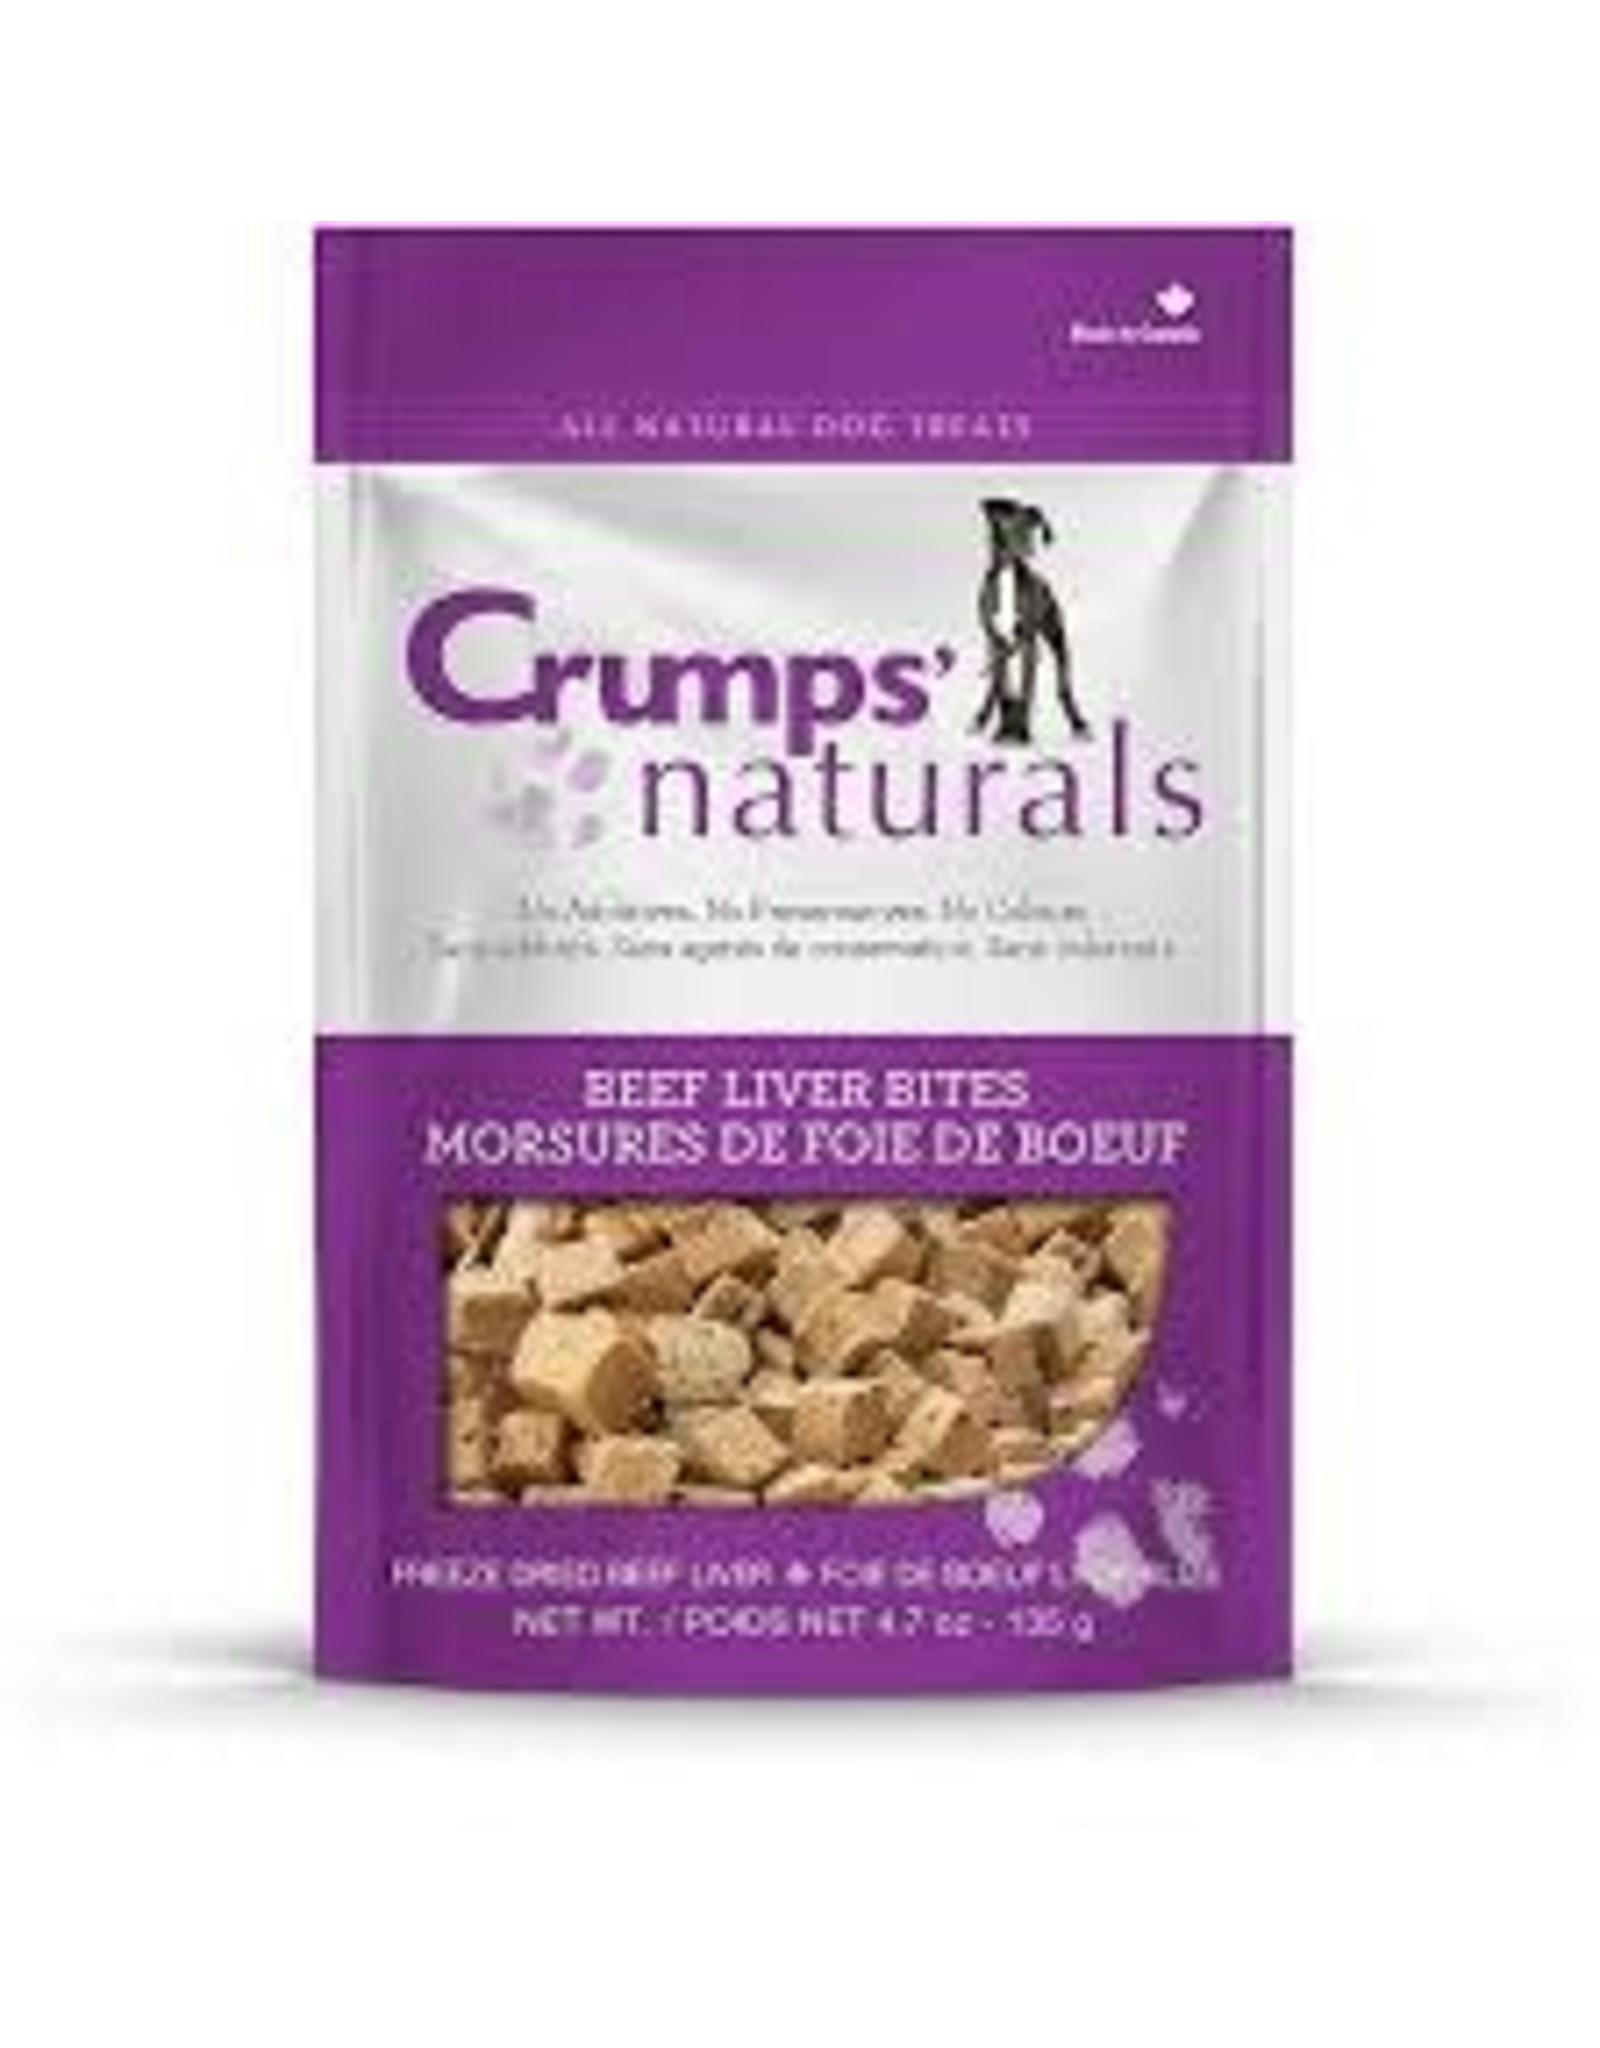 Crumps' Naturals Crumps' Naturals - Beef Liver Bites